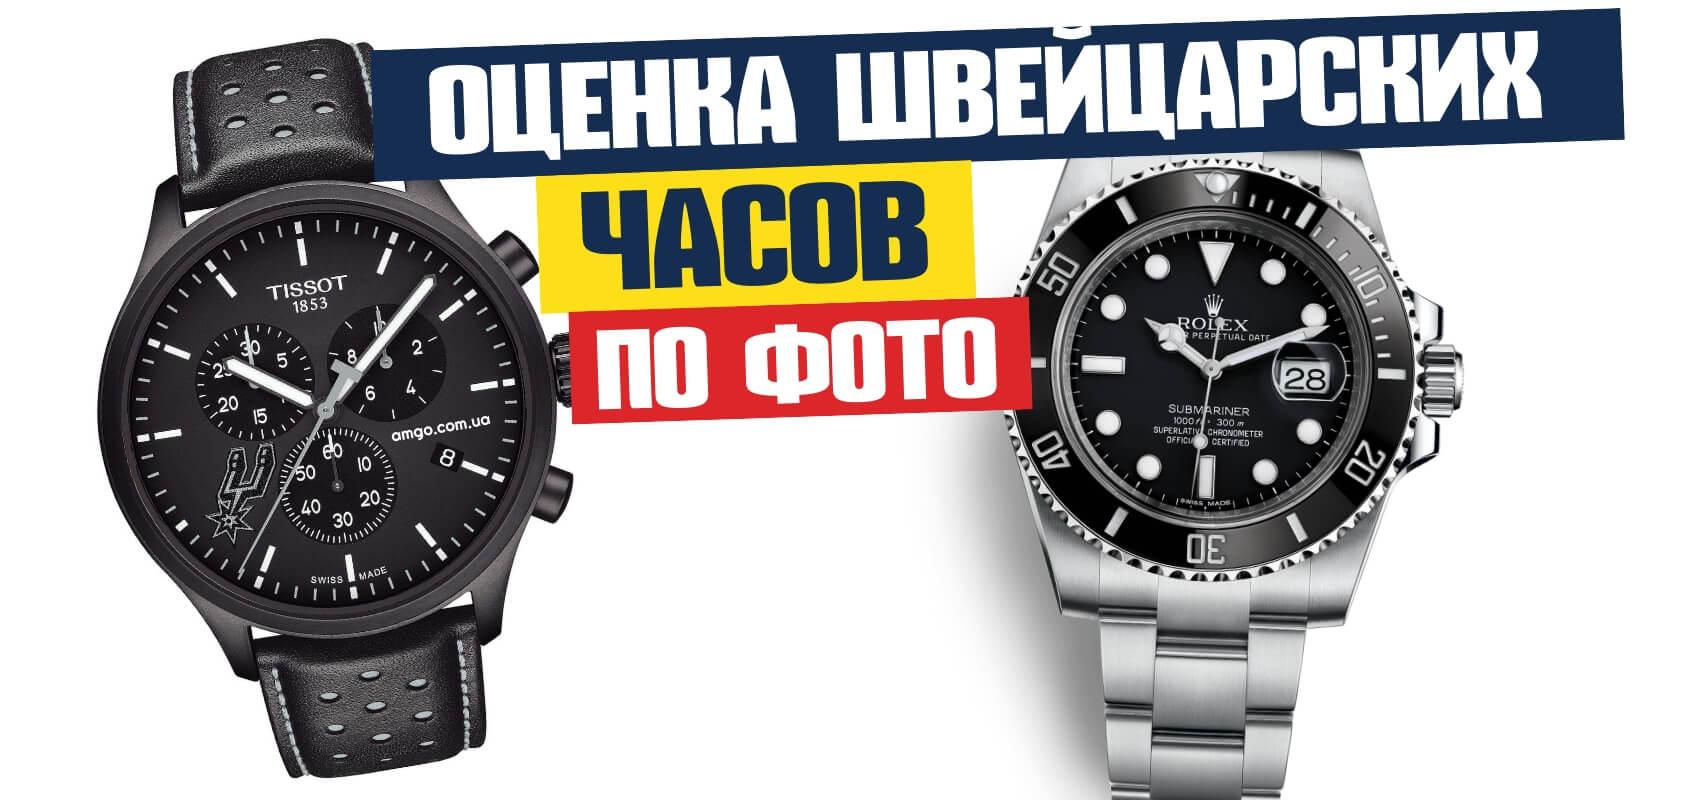 Часы куда швейцарские продать можно краснодаре часов срочный выкуп в